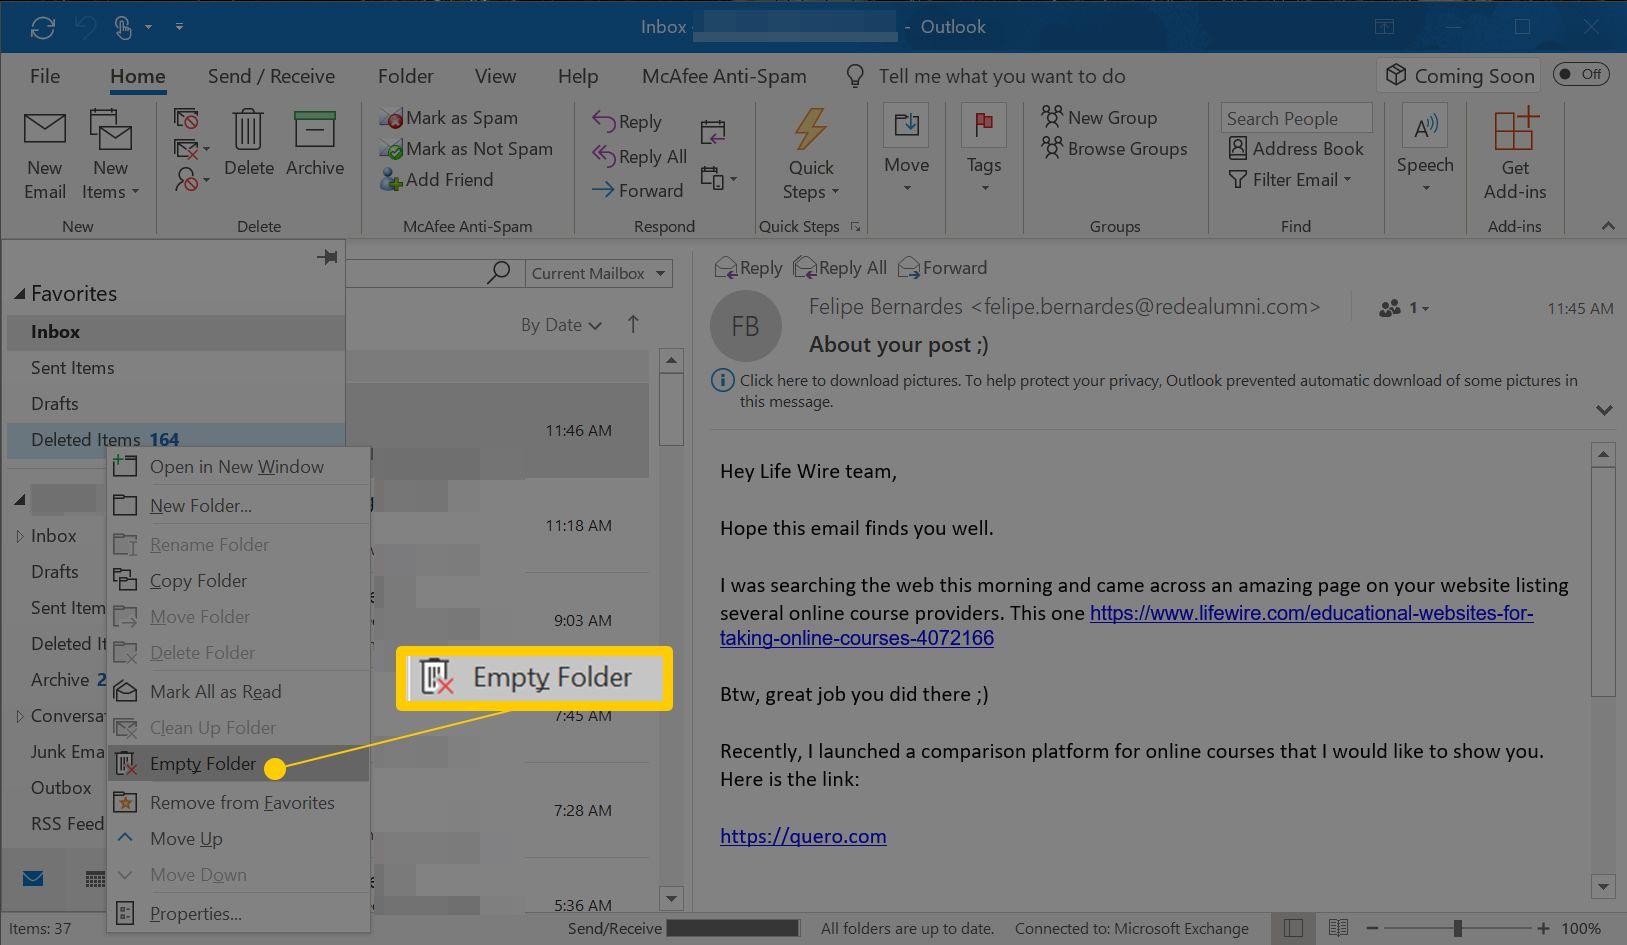 Empty Folder right-click menu item